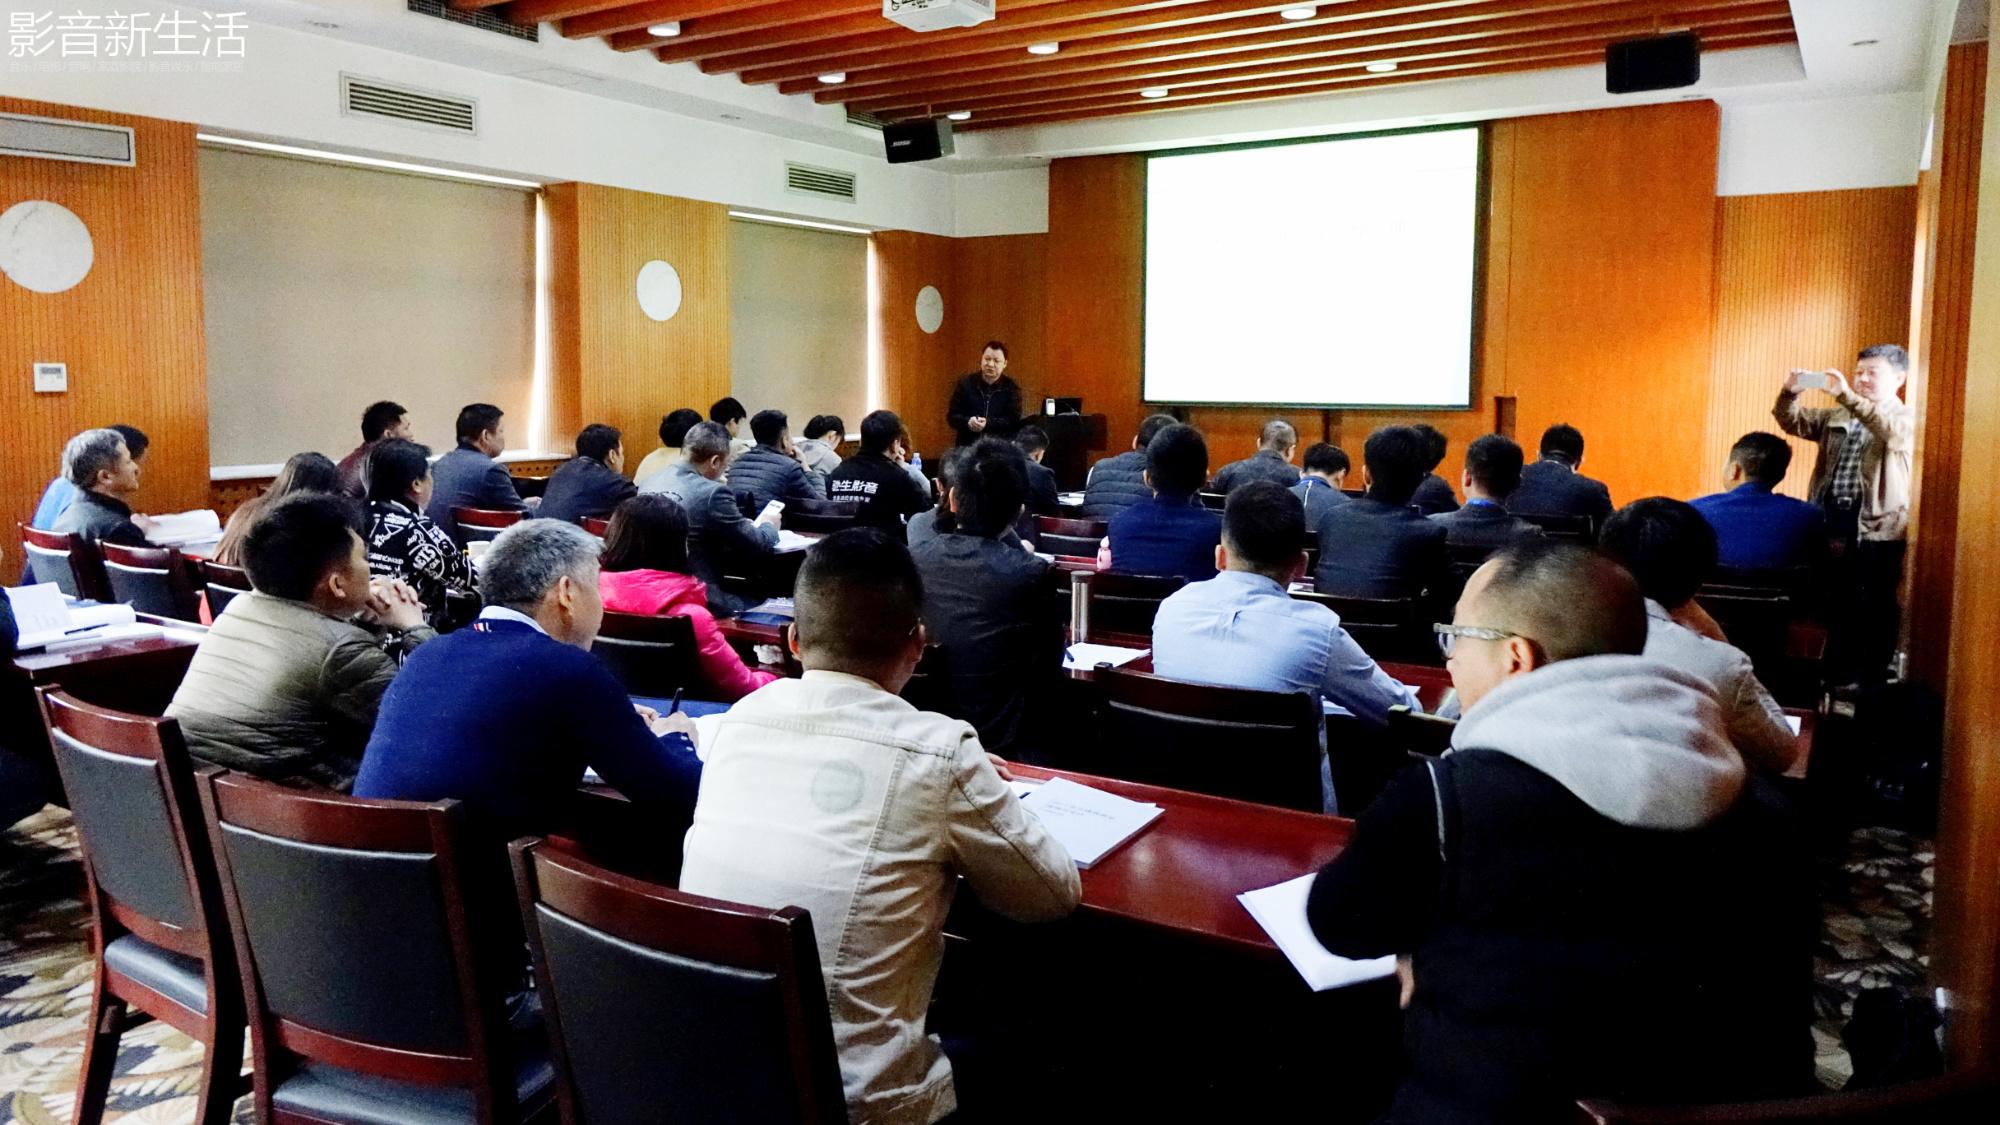 2018012317404746 - 声学 | 2018清华大学建筑声学原理与设计培训课程!期待你的到来!